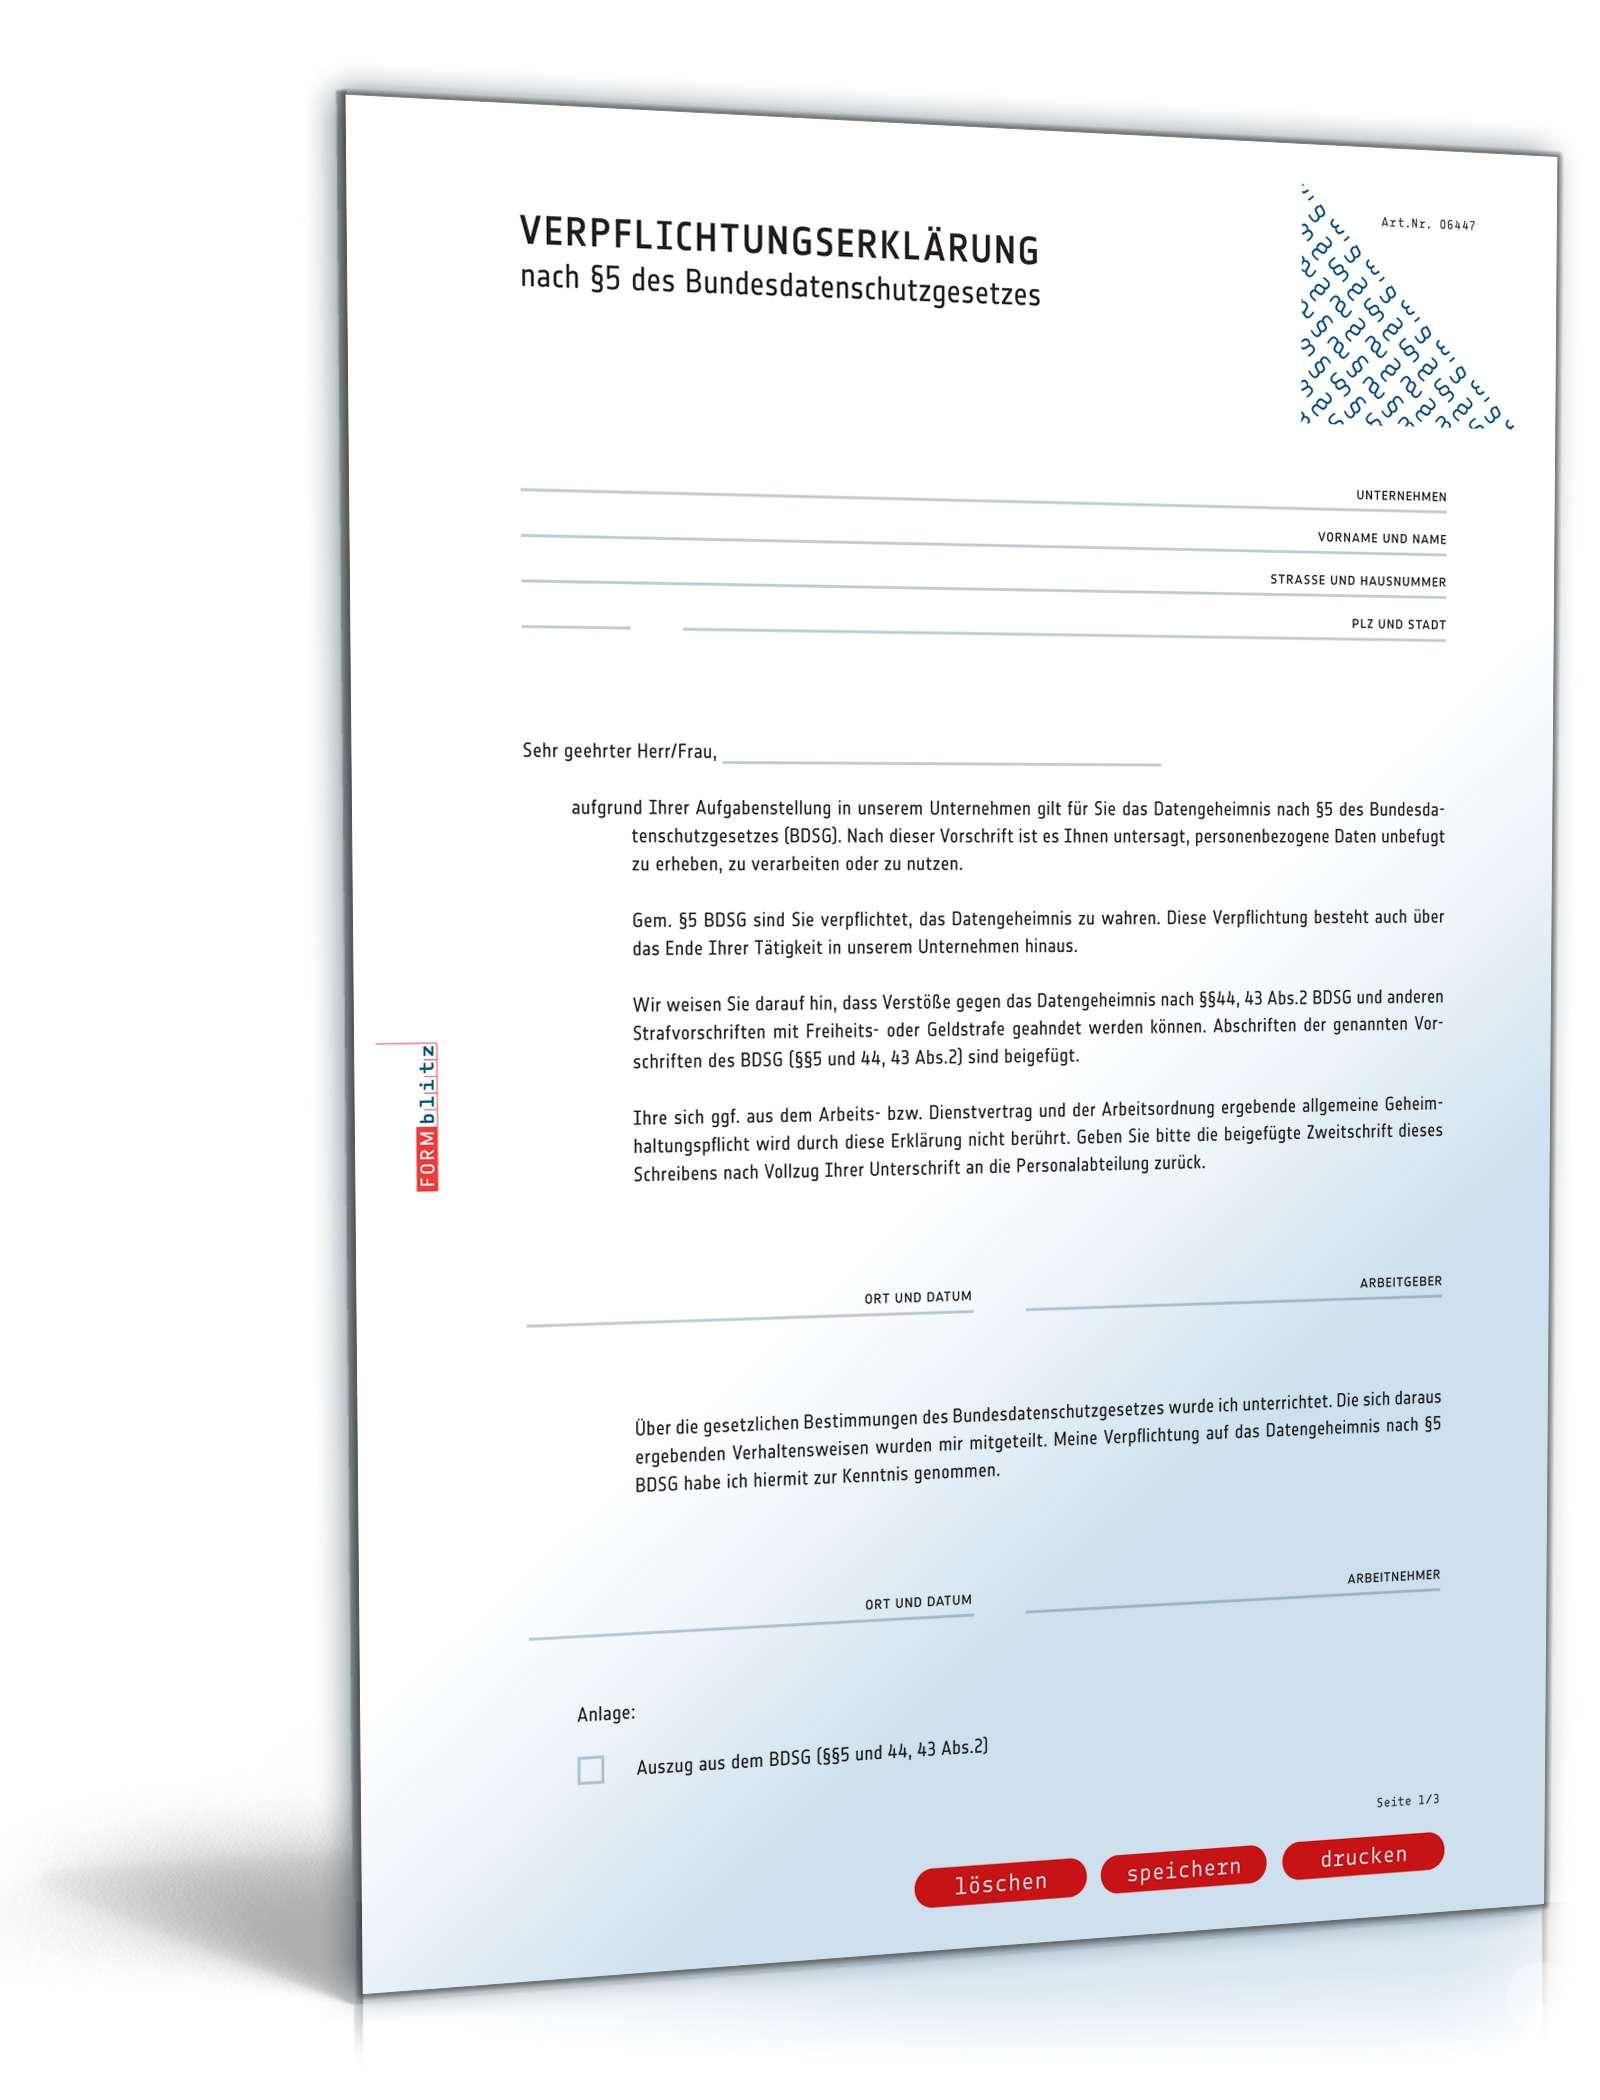 Verpflichtungserklarung Gemass 5 Bdsg Muster Zum Download